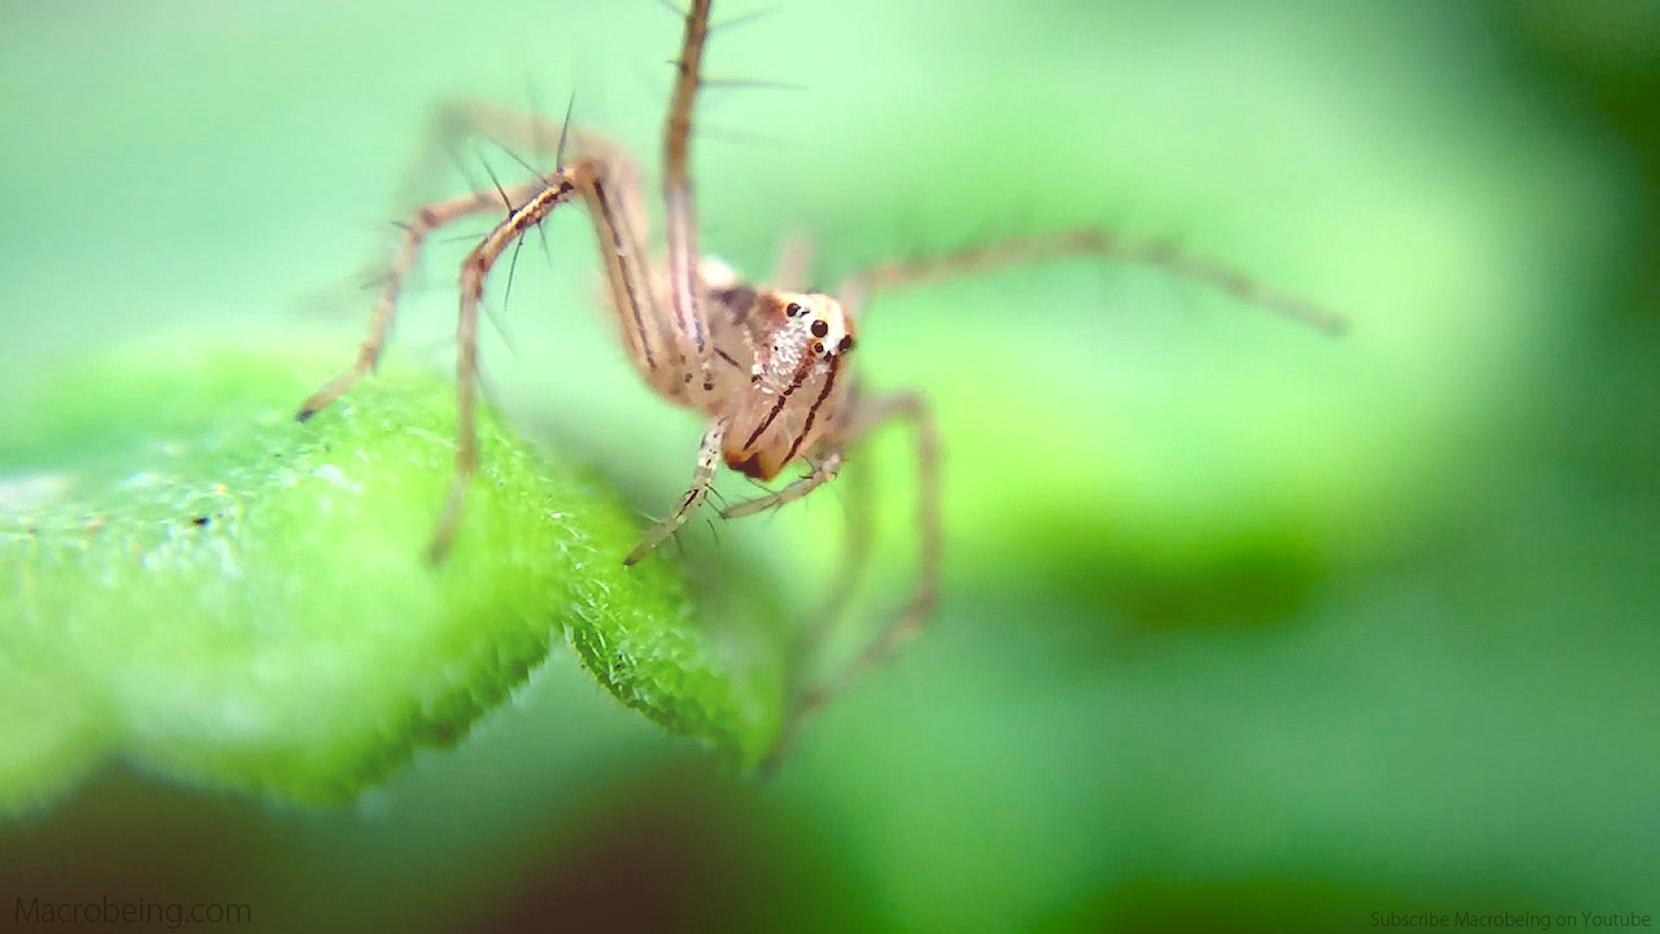 Macrobeing - Spiky Spider